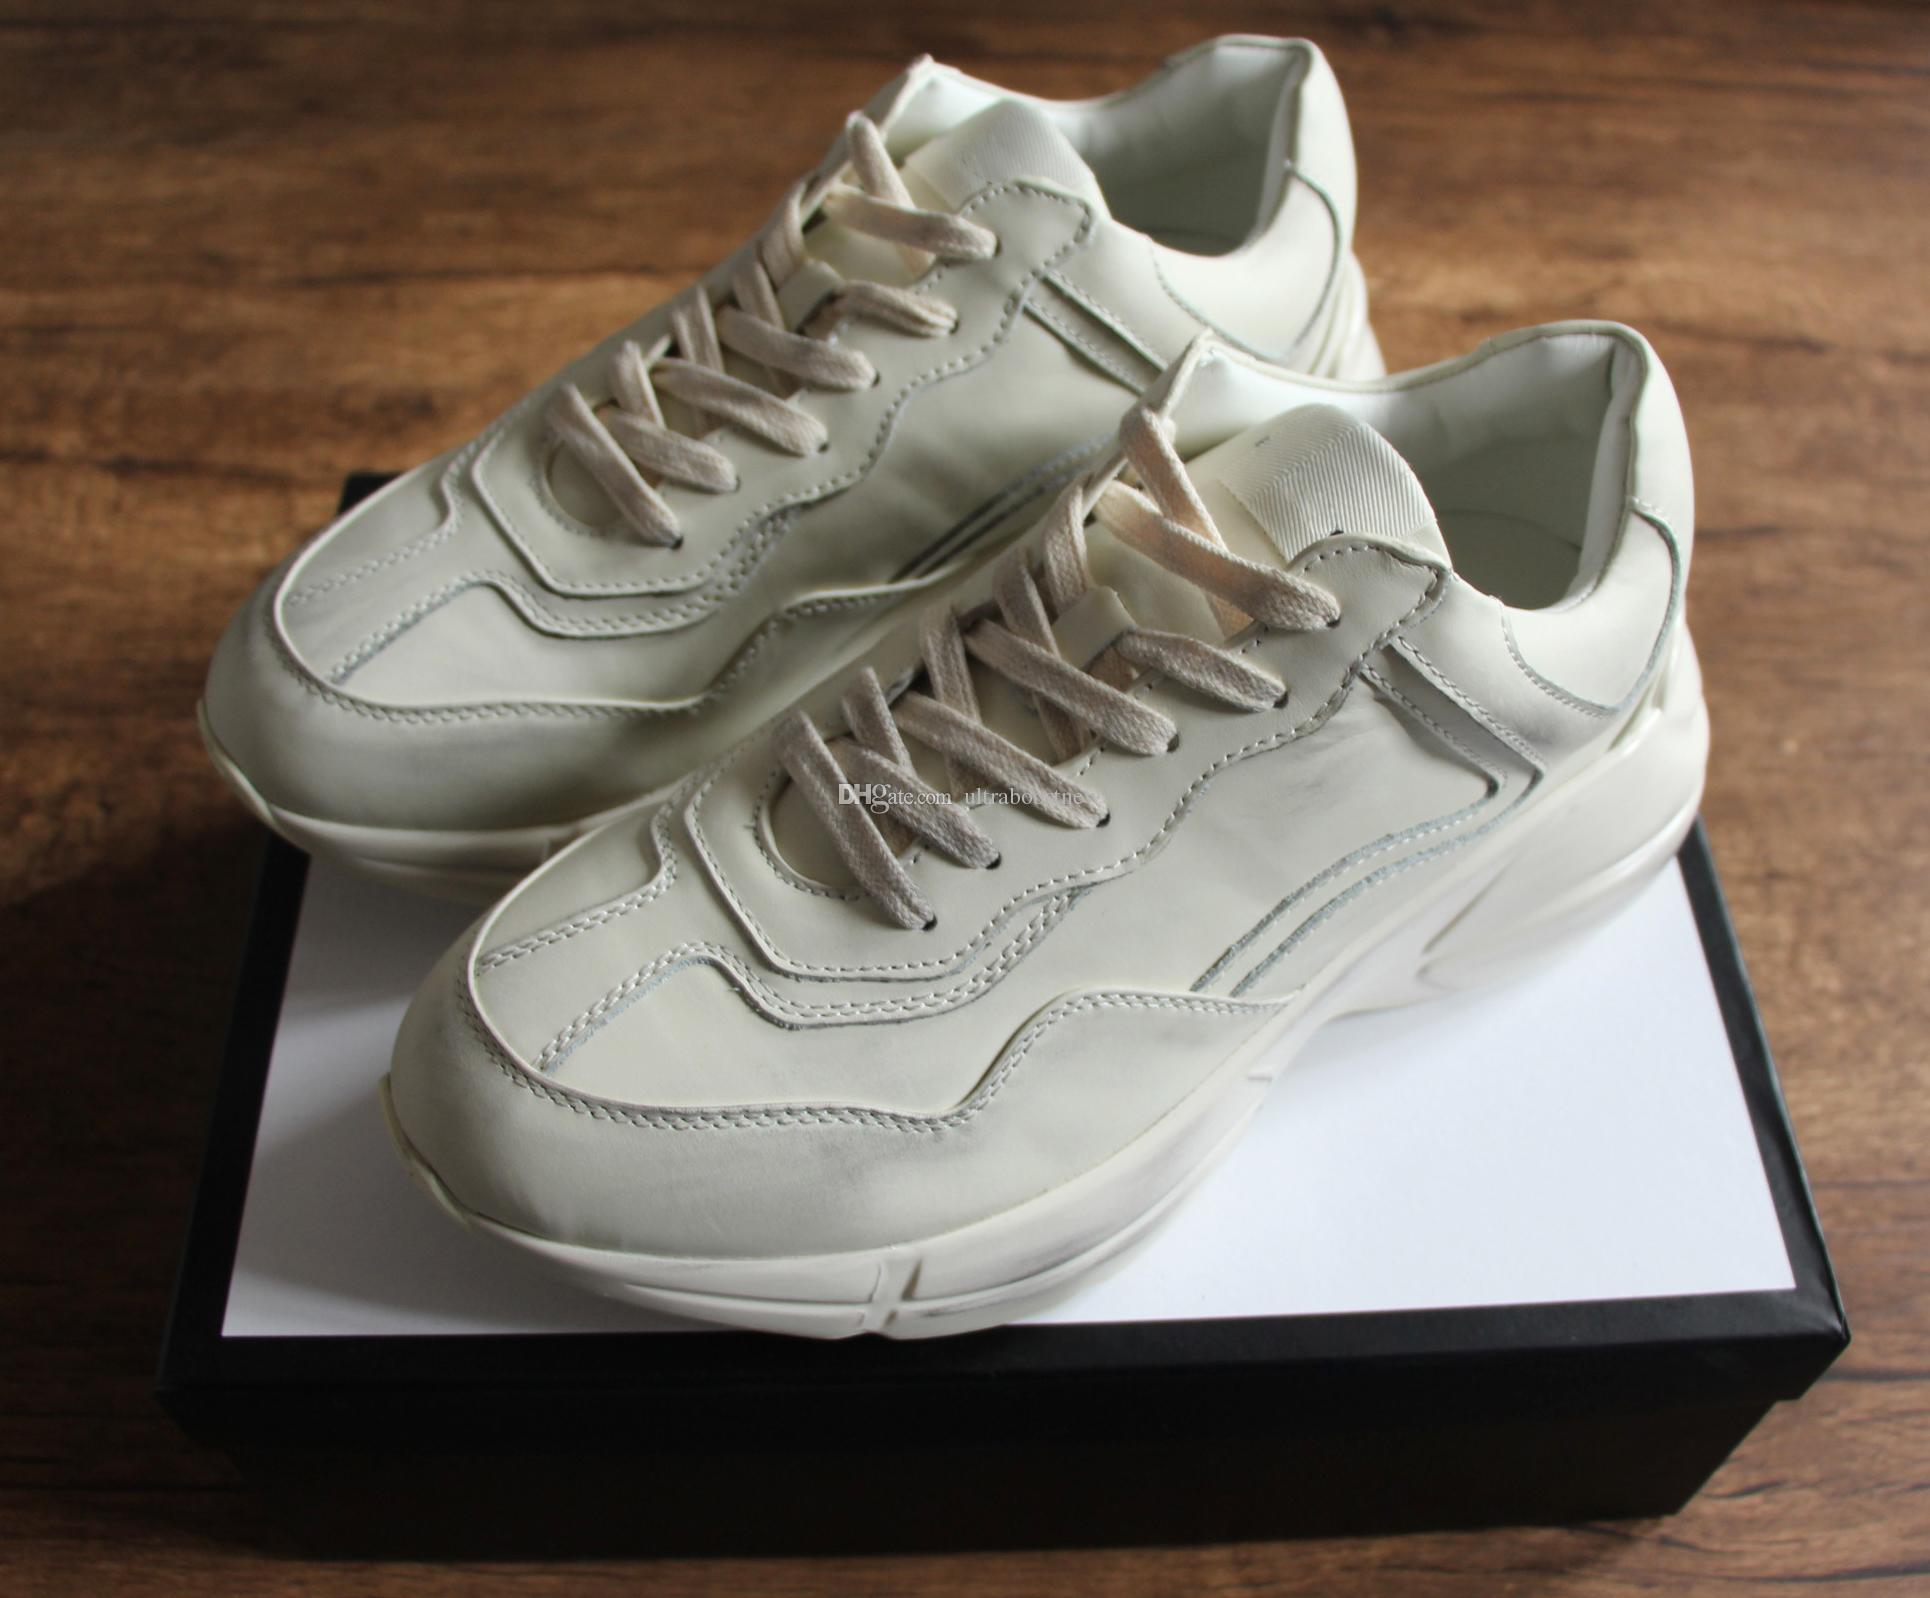 c4ad4a2d9e43e6 Scarpe Walking Fashion Sneaker In Pelle Rhyton Uomo Donna Best Luxury Scarpe  Sportive Firmate Vera Pelle Suola Spessa Scatola Originale Taglia Grande 35  46.